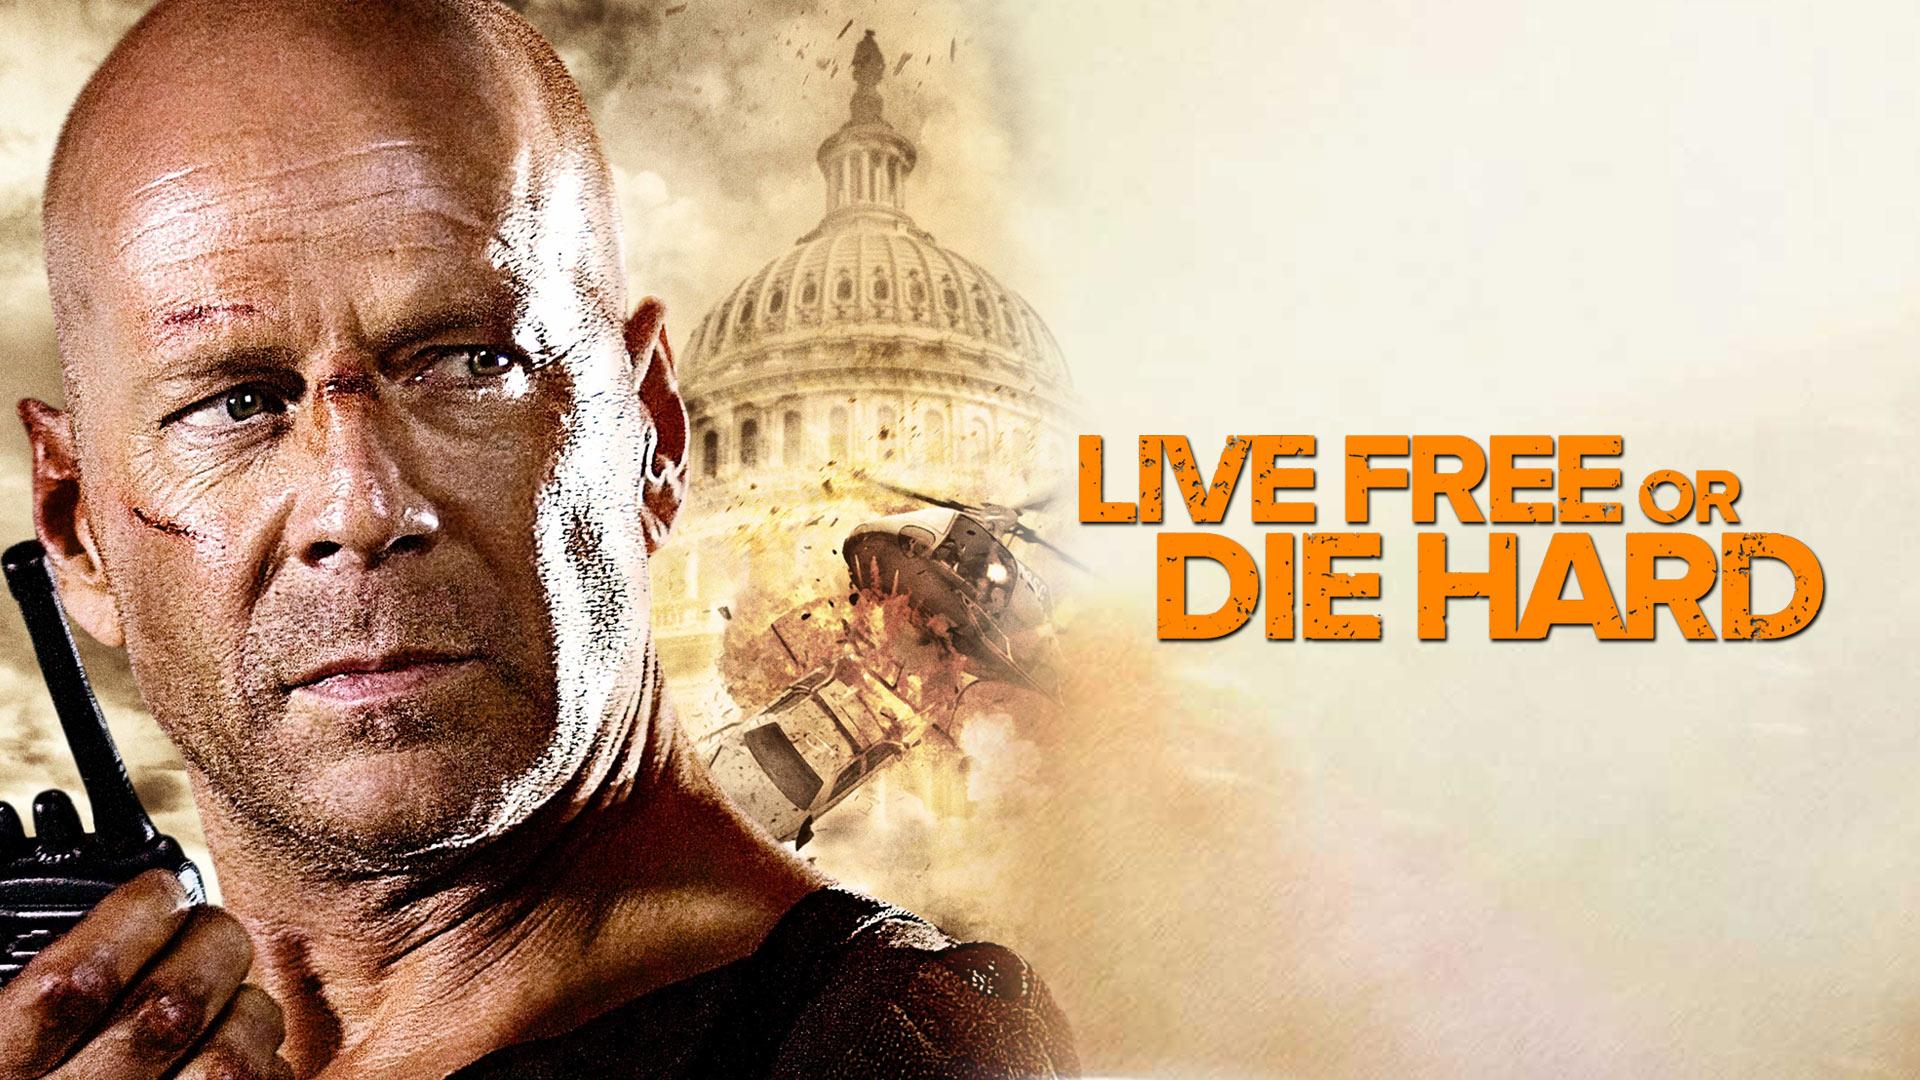 Live Free or Die Hard (4K UHD)